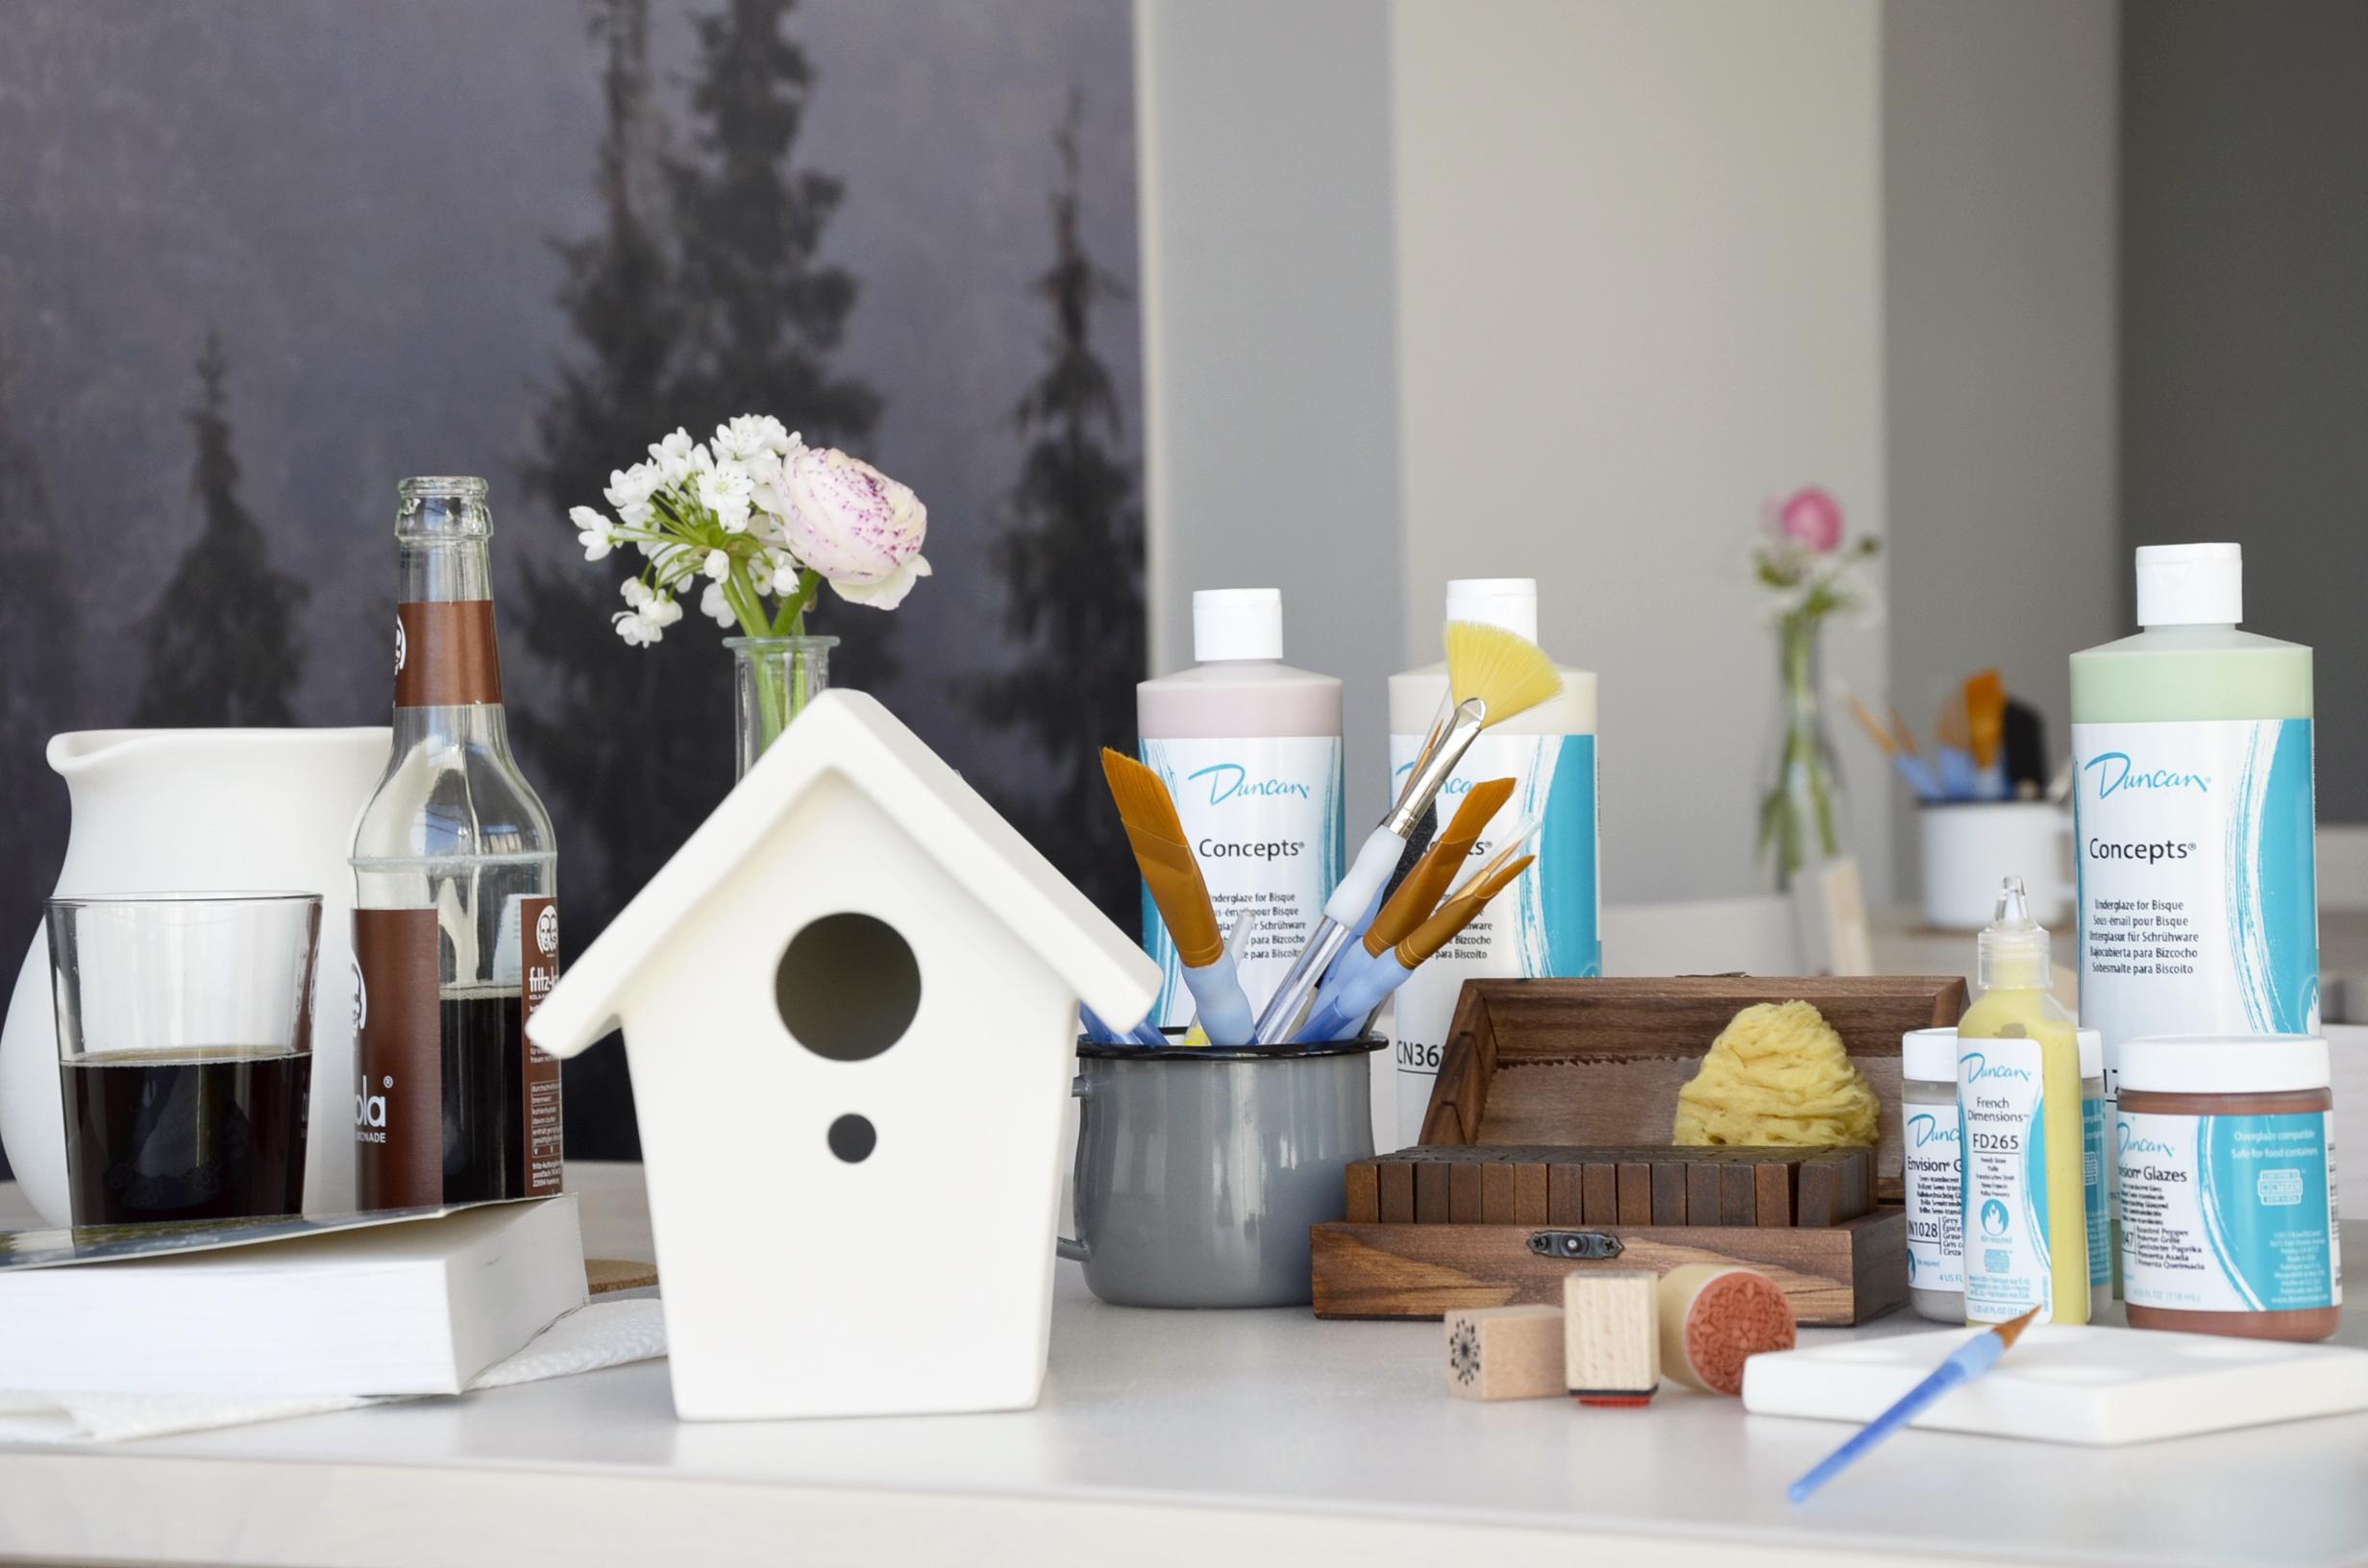 keramik selbst bemalen lieblingswerk. Black Bedroom Furniture Sets. Home Design Ideas